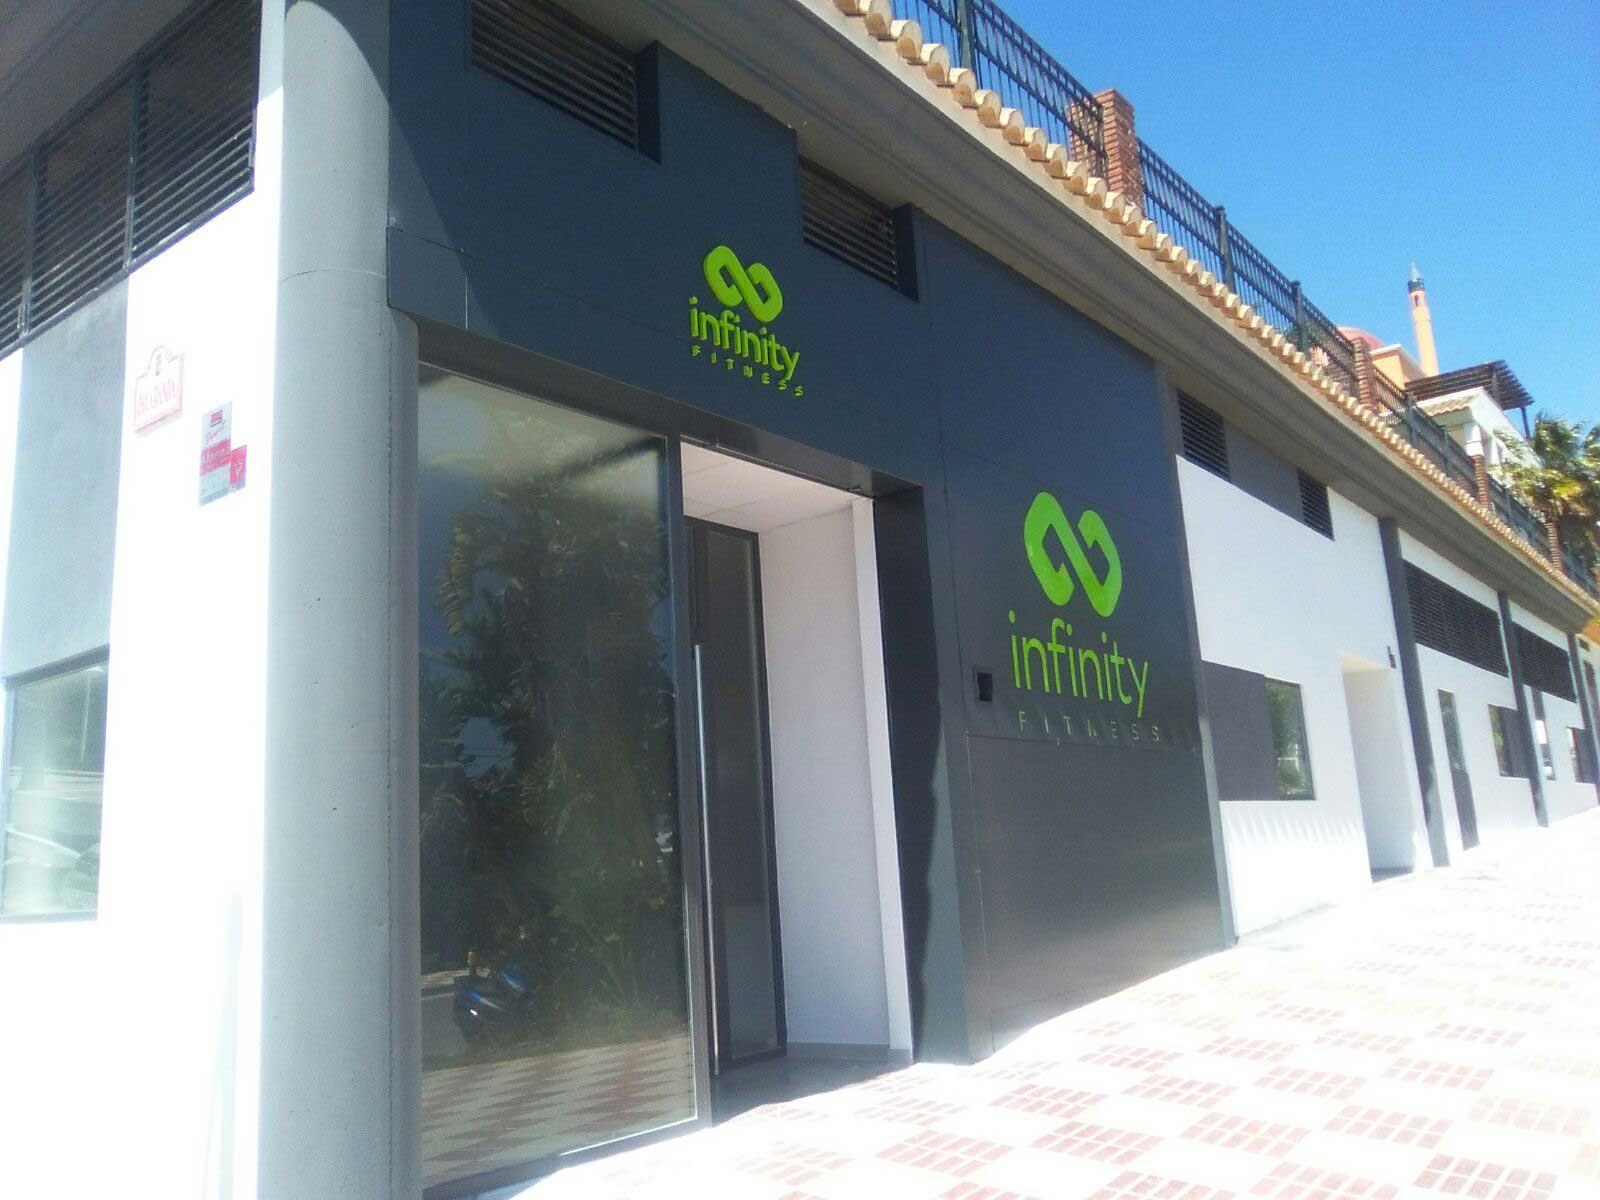 Recubrimiento de fachadas con panel de aluminio compuesto iberti - Recubrimientos de fachadas ...